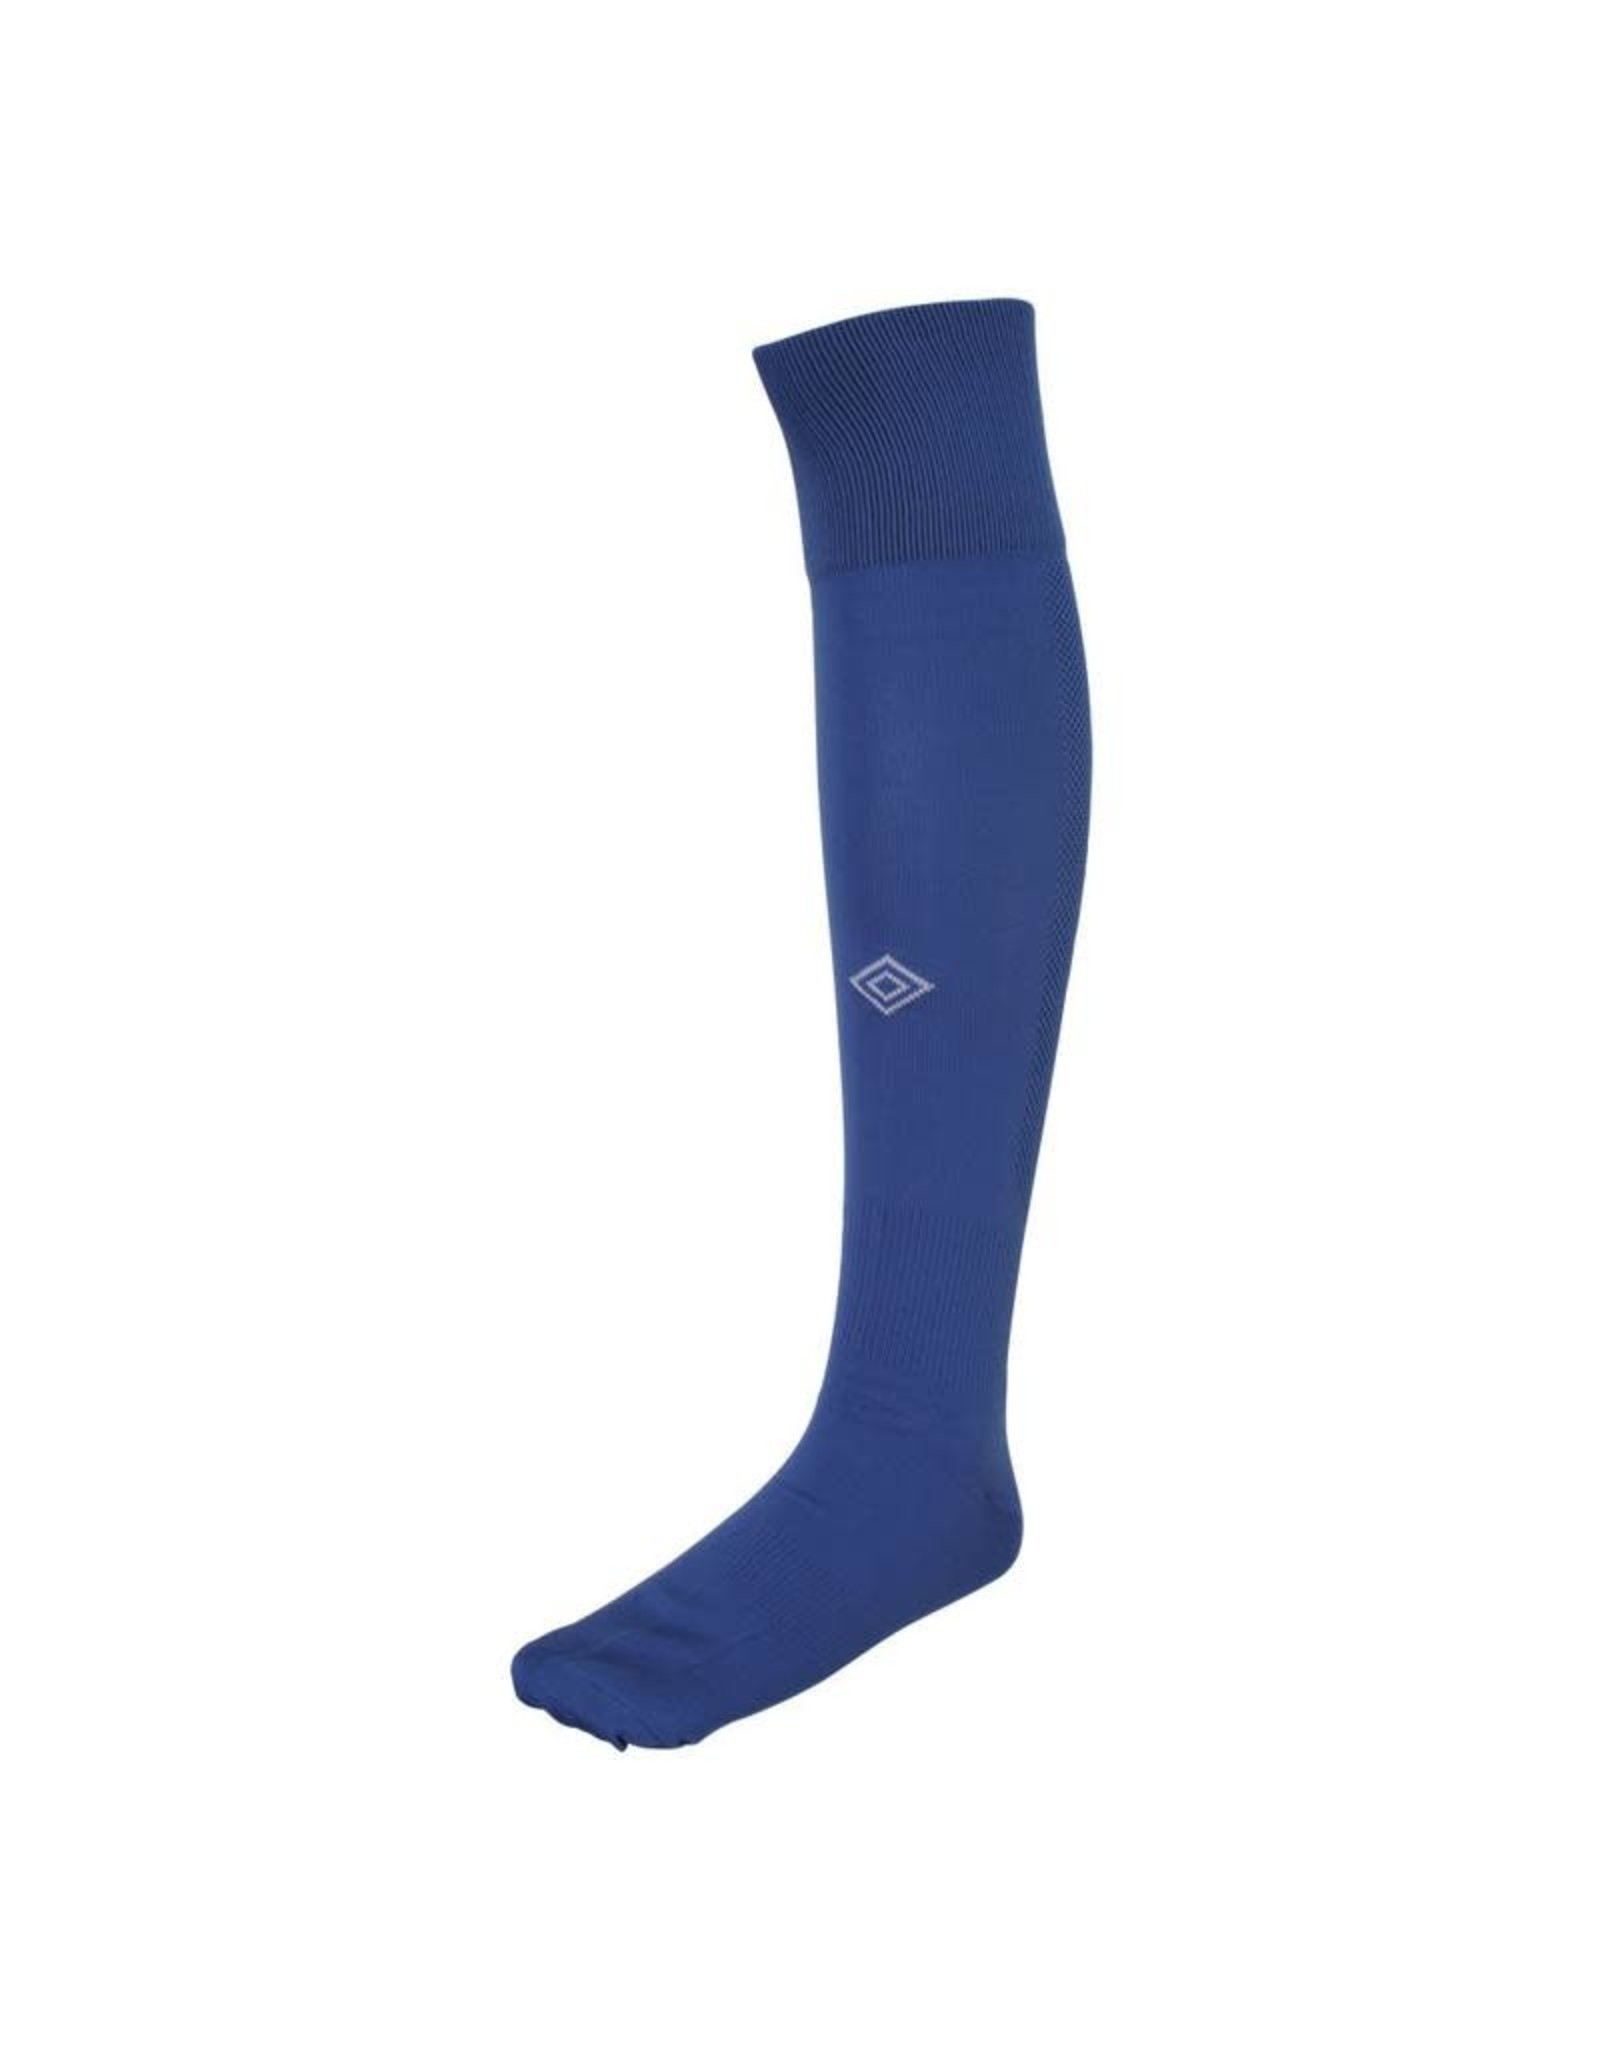 Umbro Umbro Player Socks (Blue)